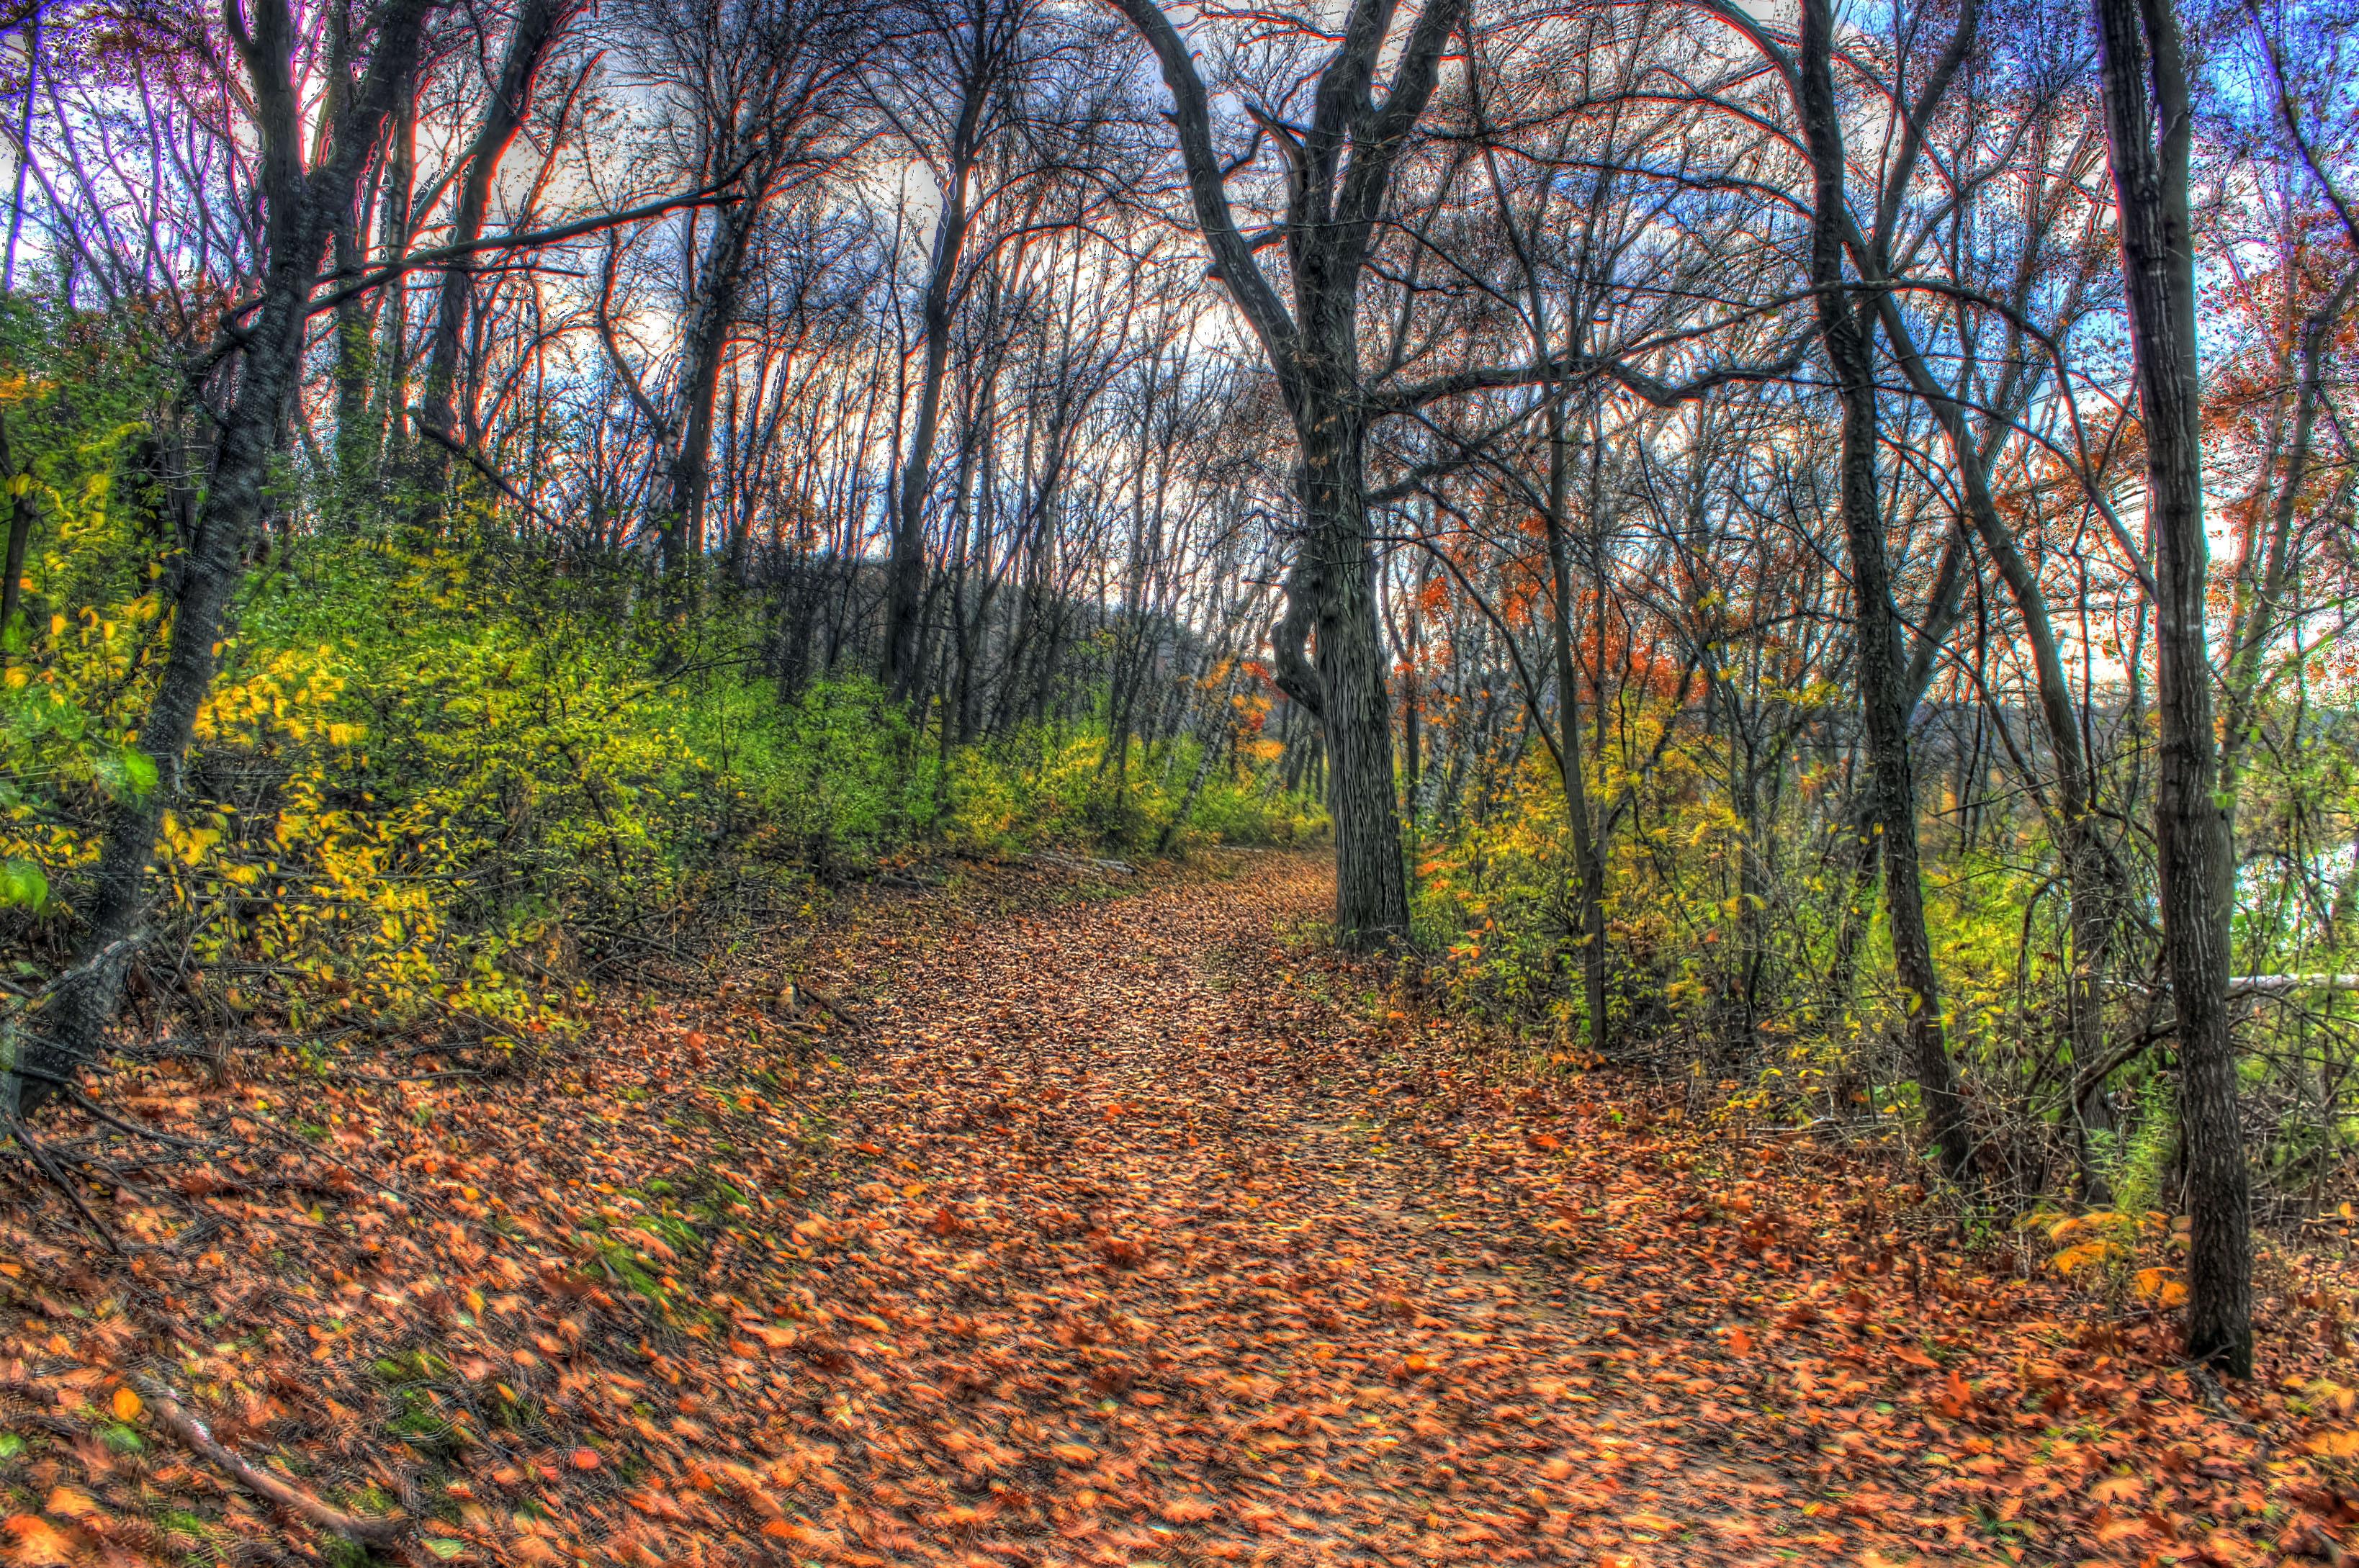 Hiking Trail at Indian lake